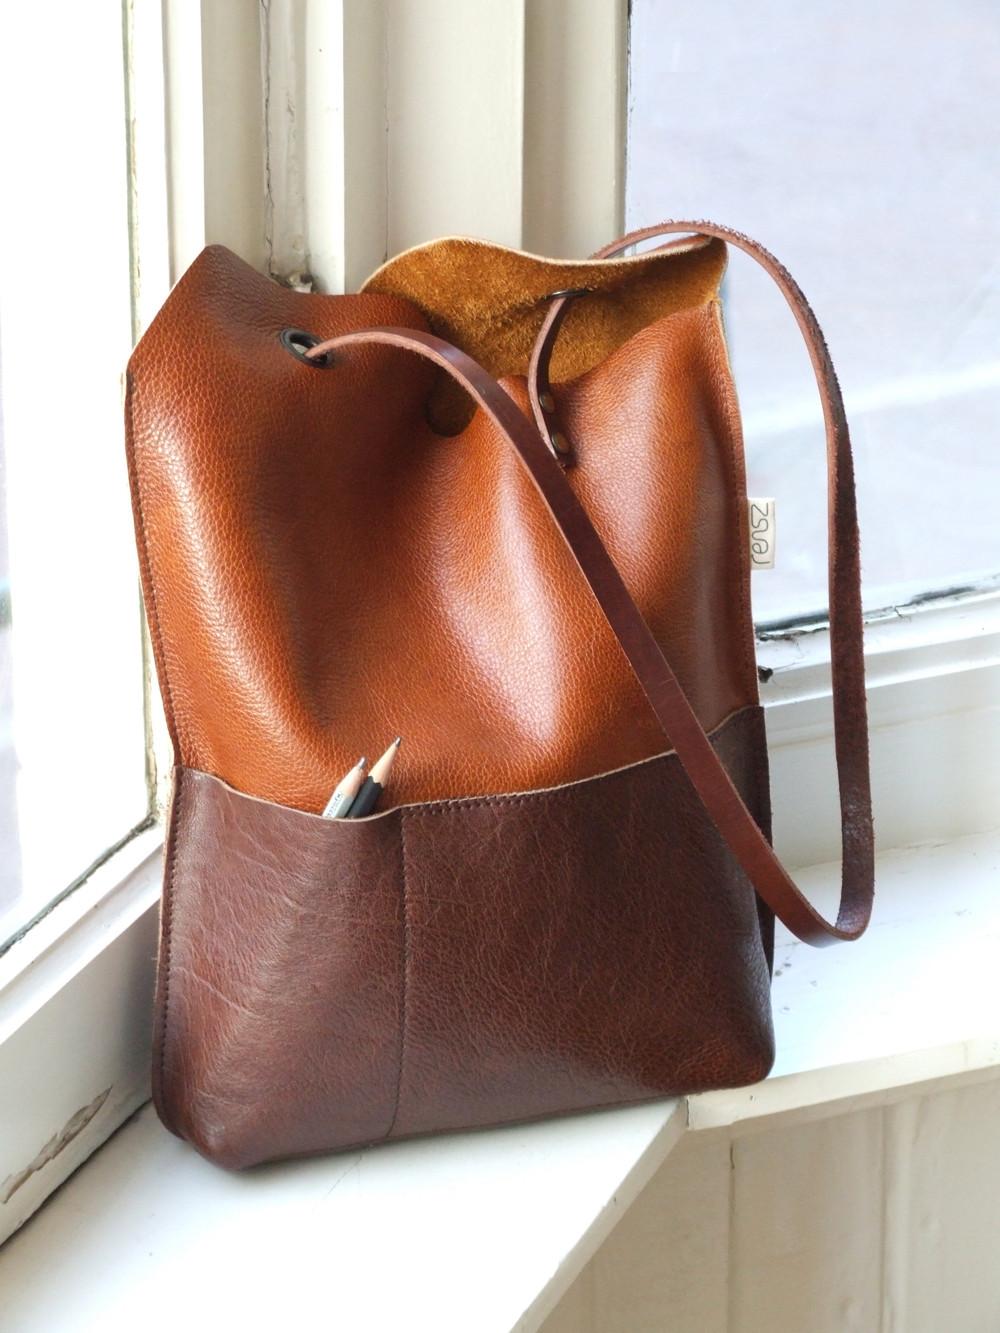 Handbad Diy  leather Yin Yang bag – Sewing Projects